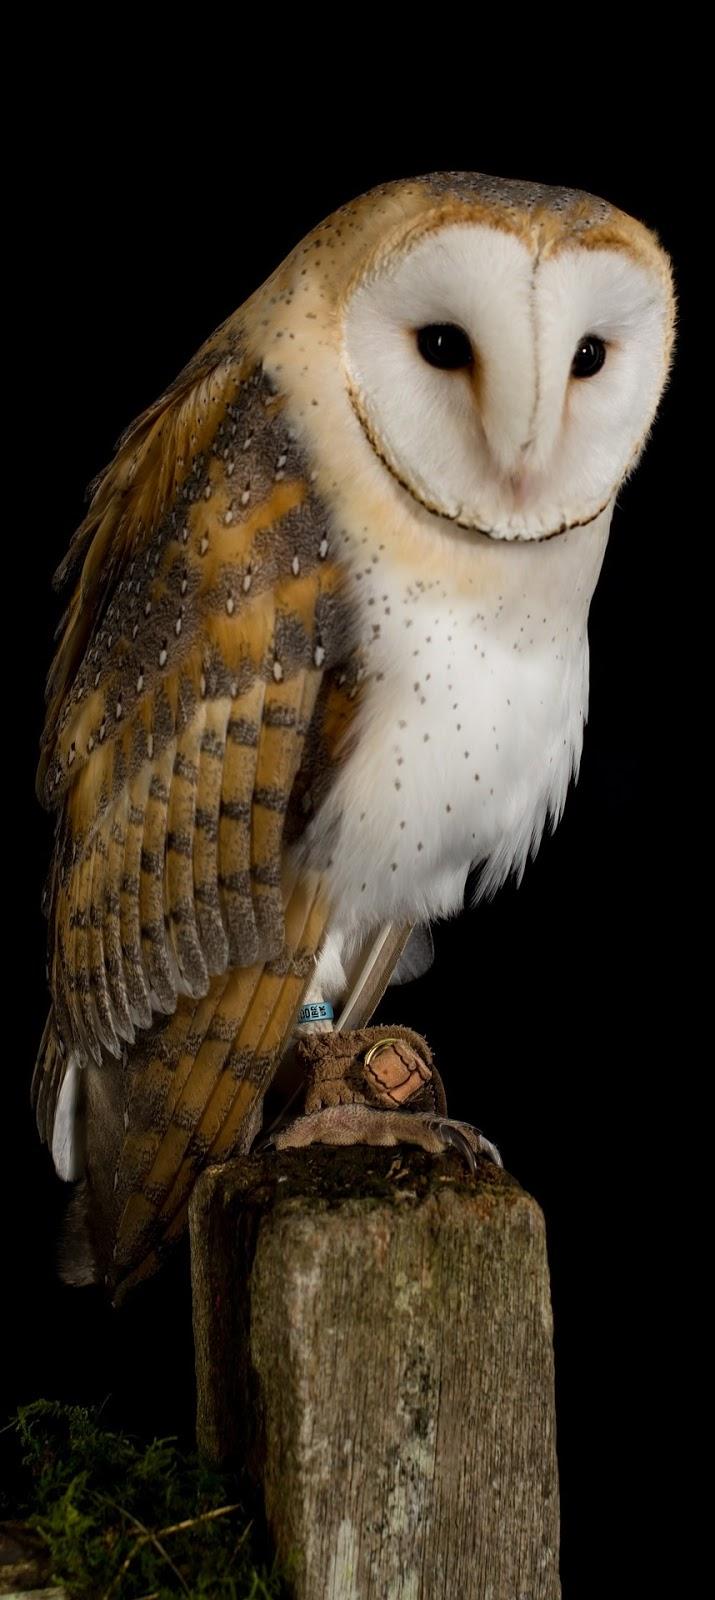 A barn owl.